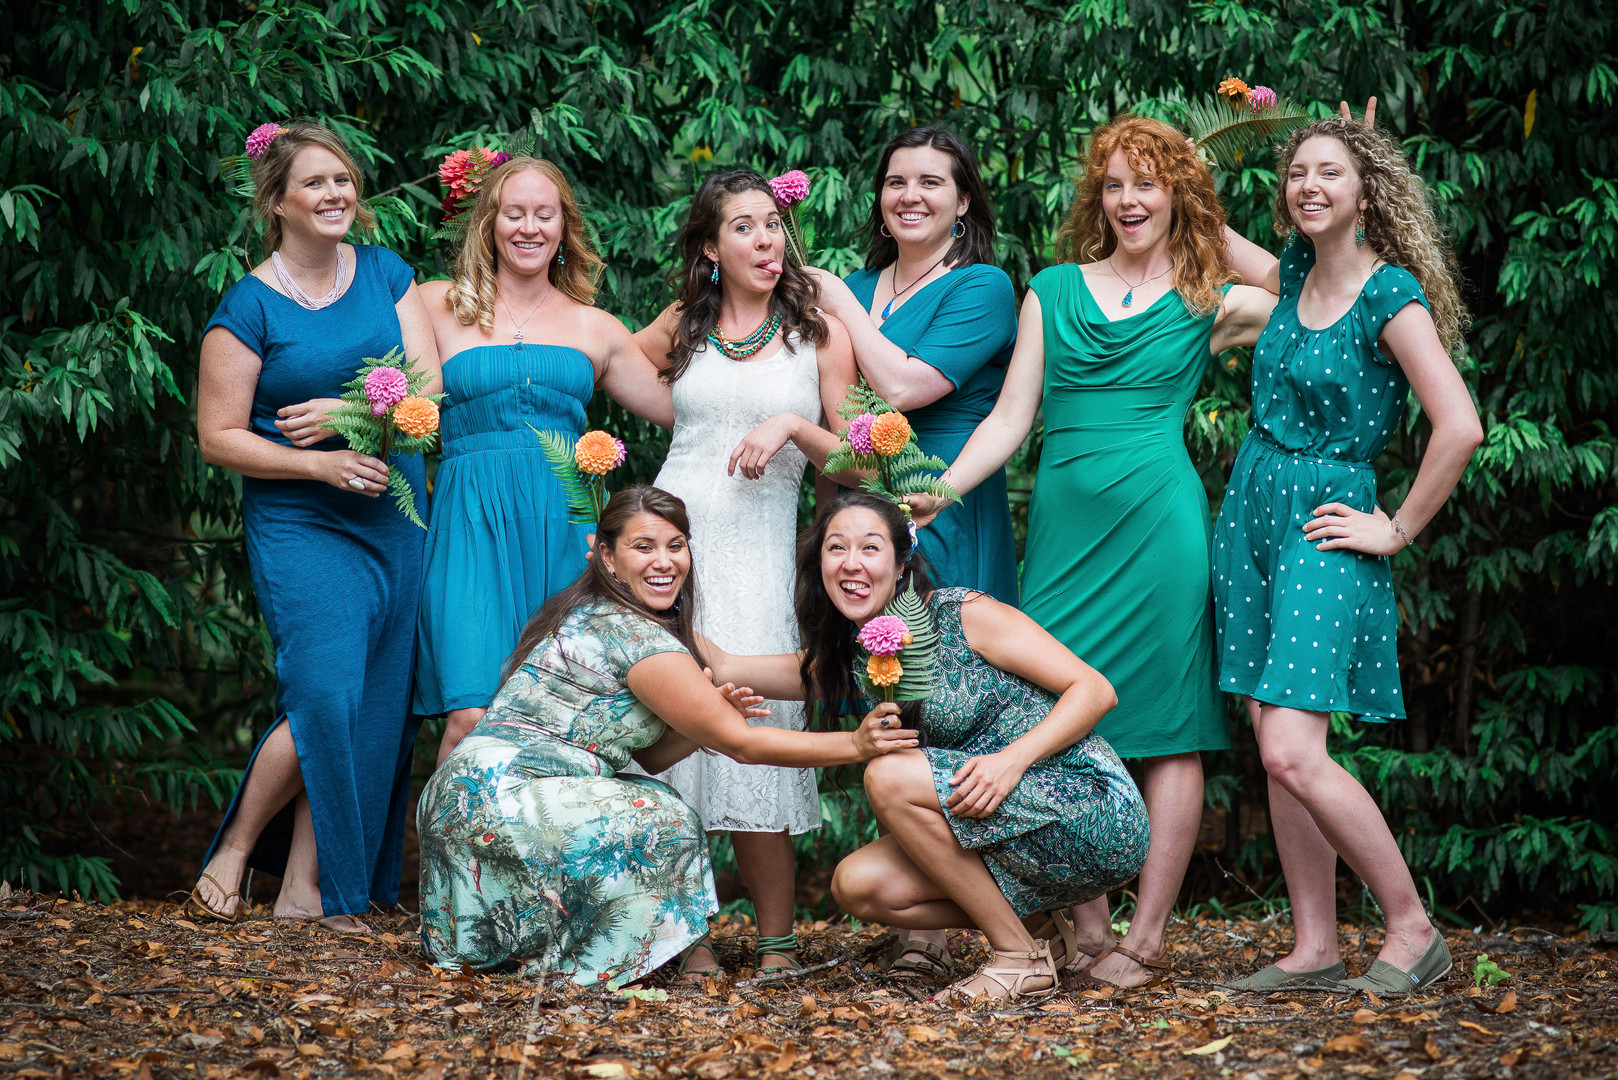 Engagement Wedding Photographer Seattle   Seattle Tacoma Bride   Pacific Northwest Wedding   Tacoma Destination Wedding   PNW Venues   Wedding Dress   Whimsical Wedding   PNW Wedding Photographer   Portland Bride   Hood River Wedding